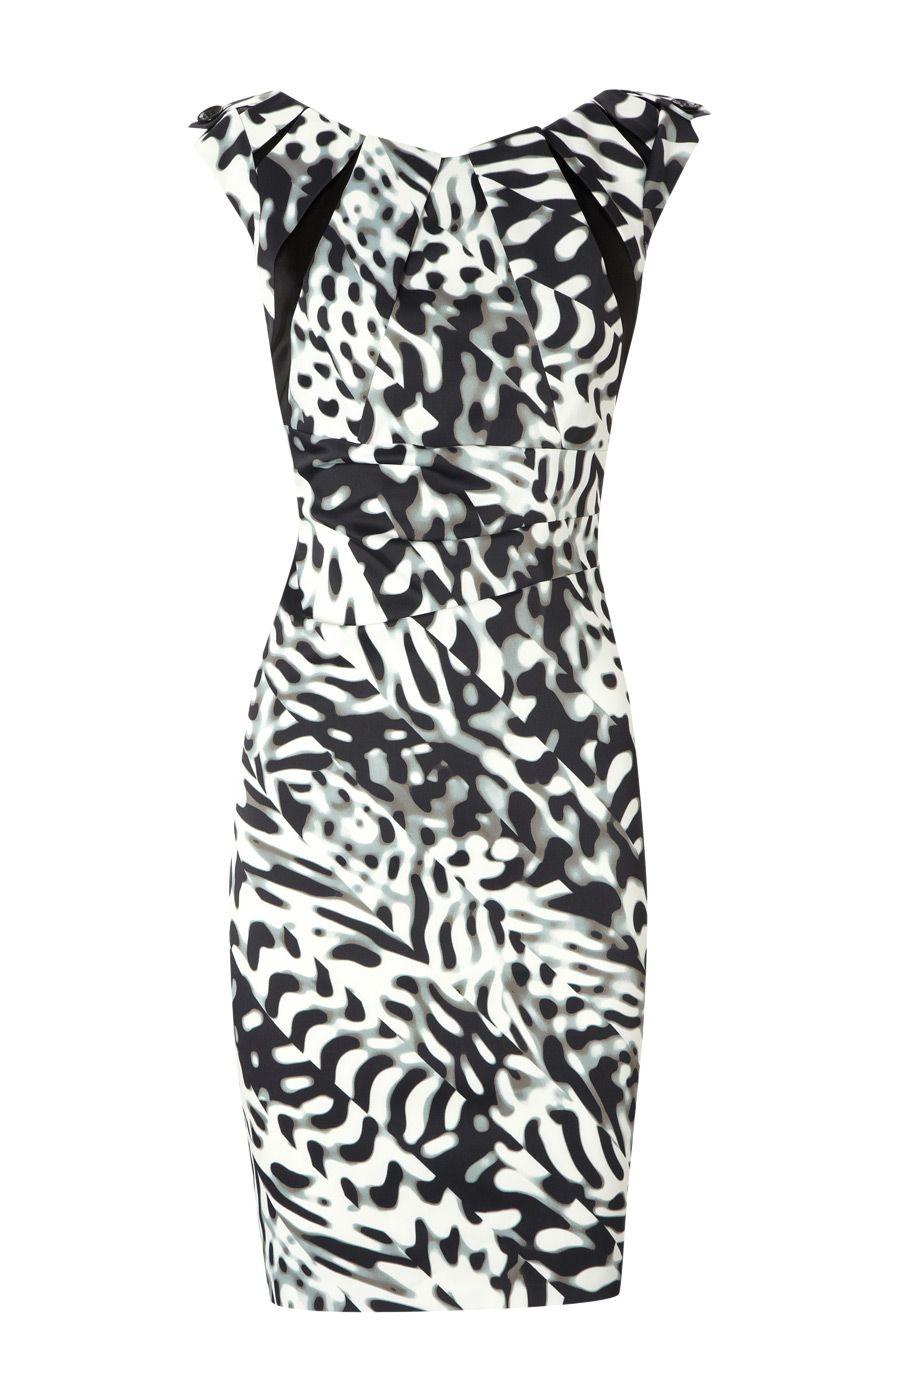 http://www.designer-bag-hub.com Karen Millen Black and White Print ...